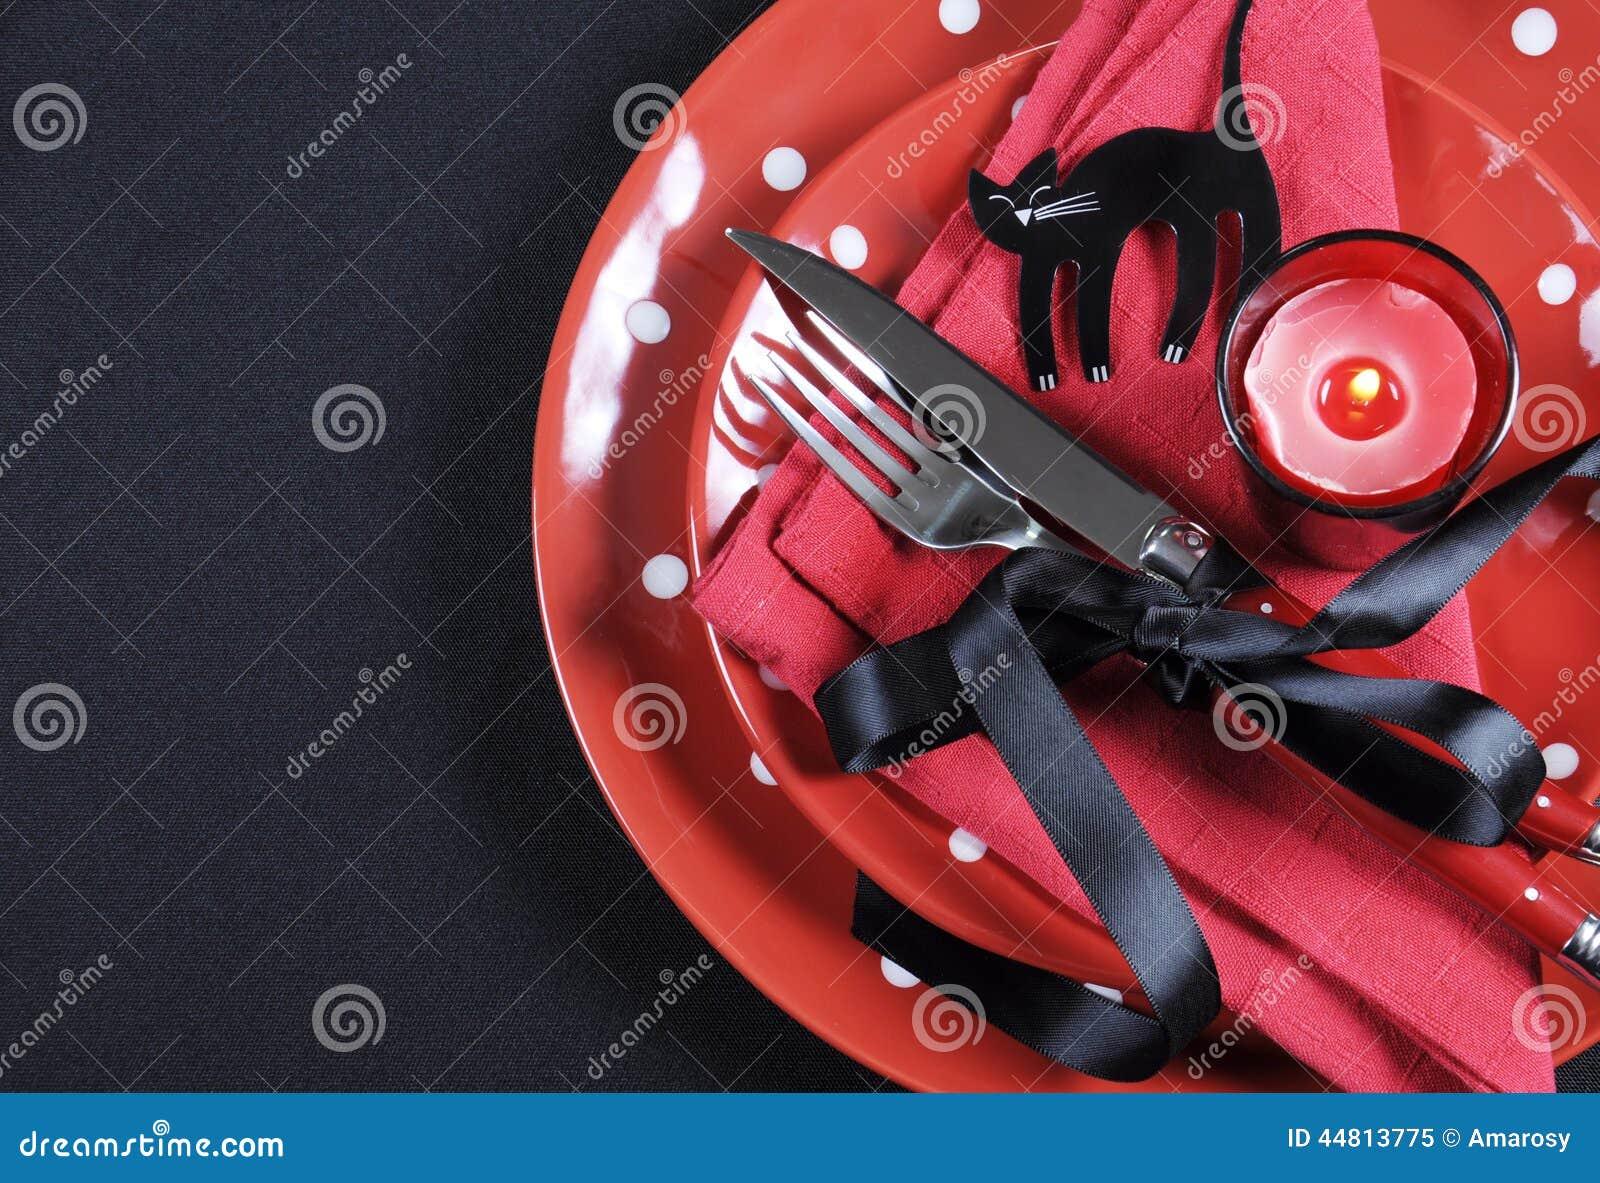 Black Cat Party Plates